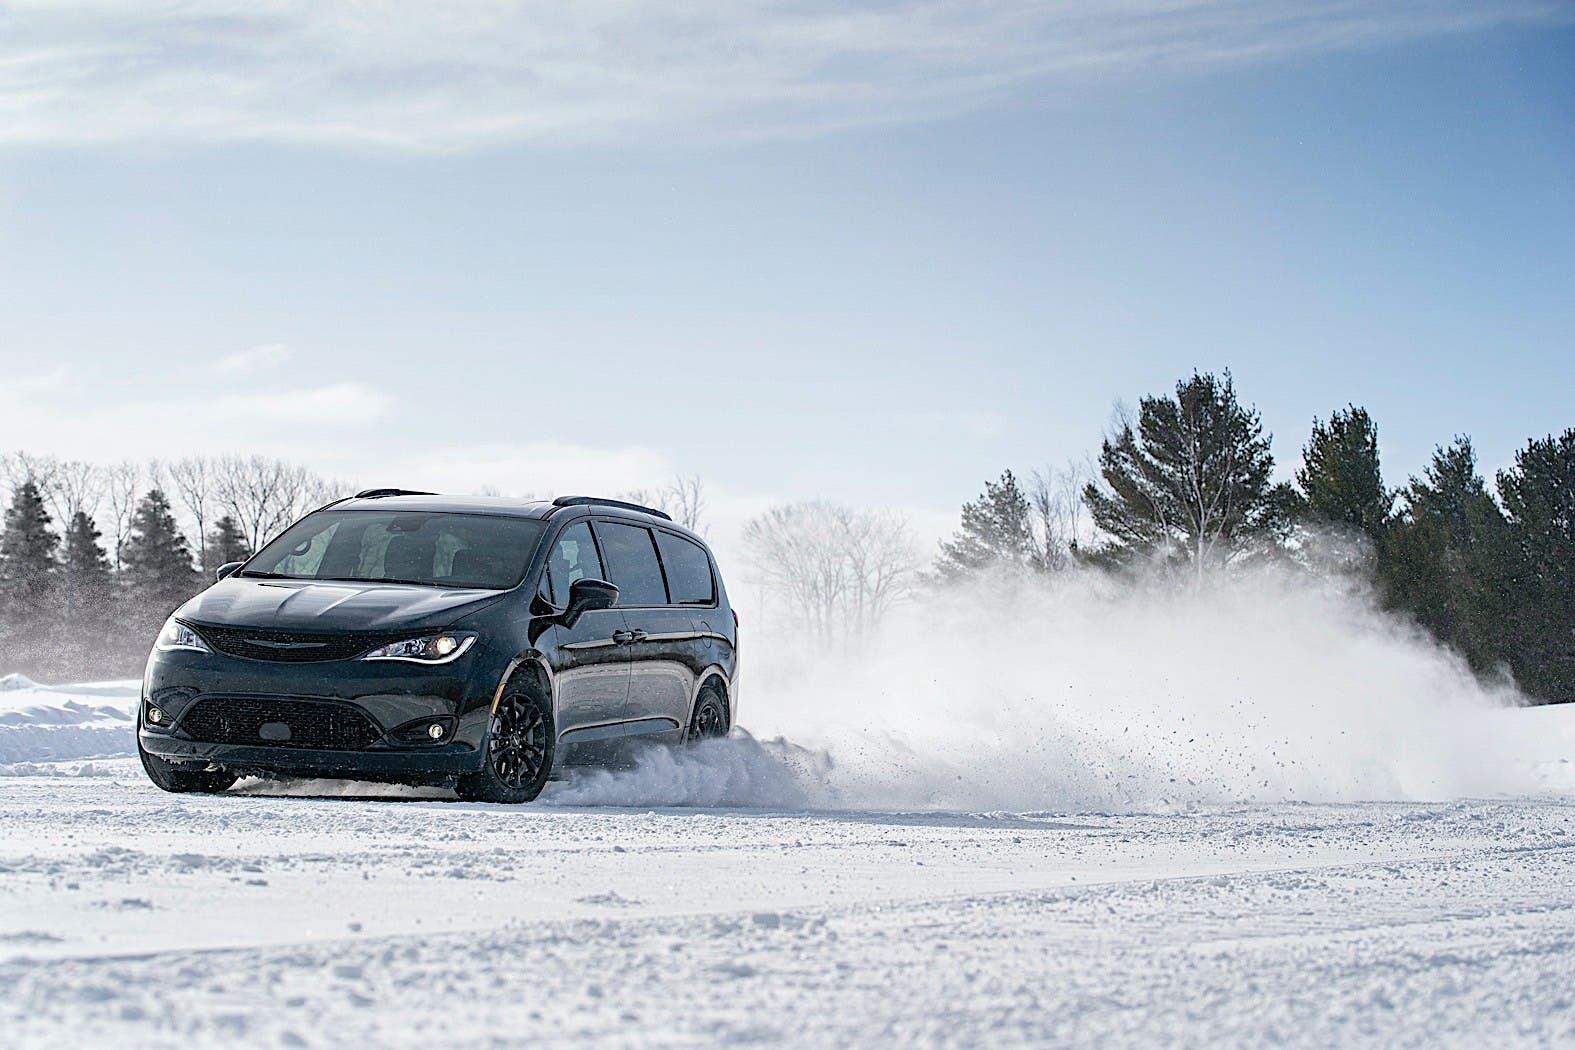 Tutti i marchi Stellantis avranno la possibilità di avere successo, inclusa Chrysler - ClubAlfa.it